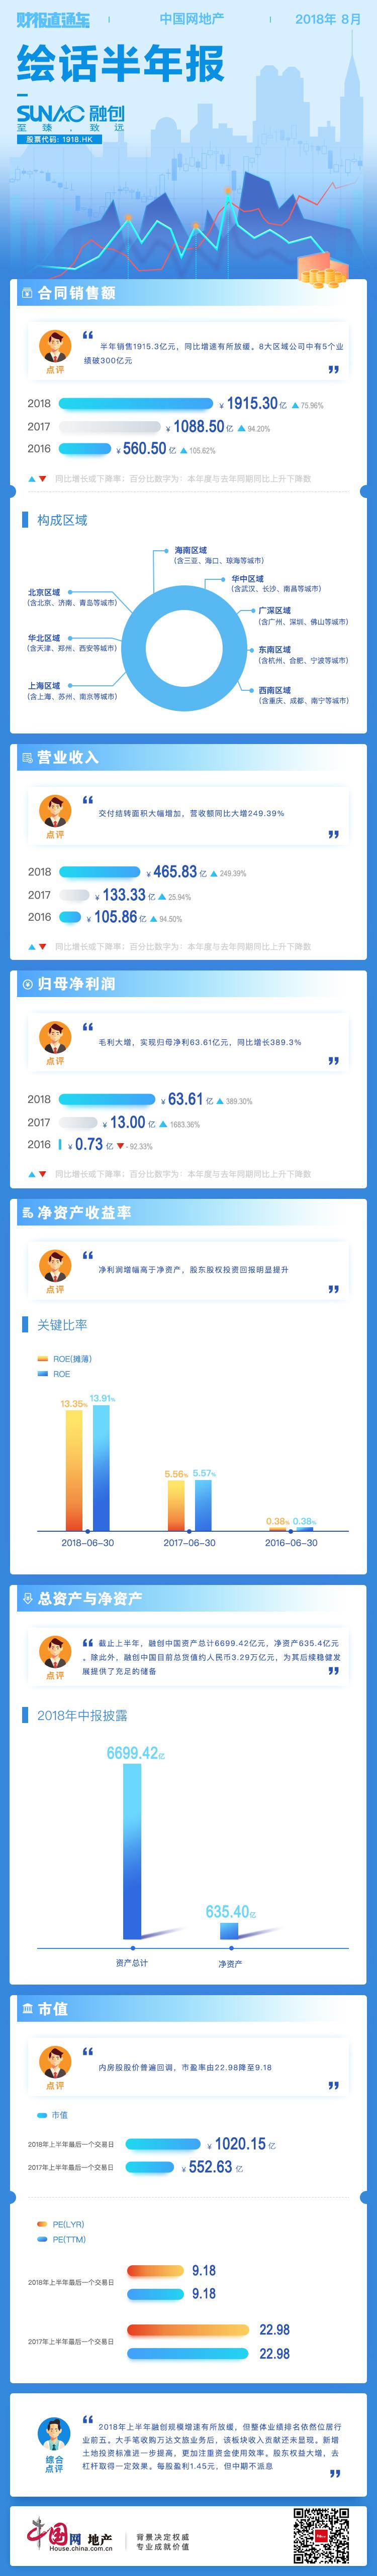 财报直通车 | 绘话半年报01期――融创中国-中国网地产